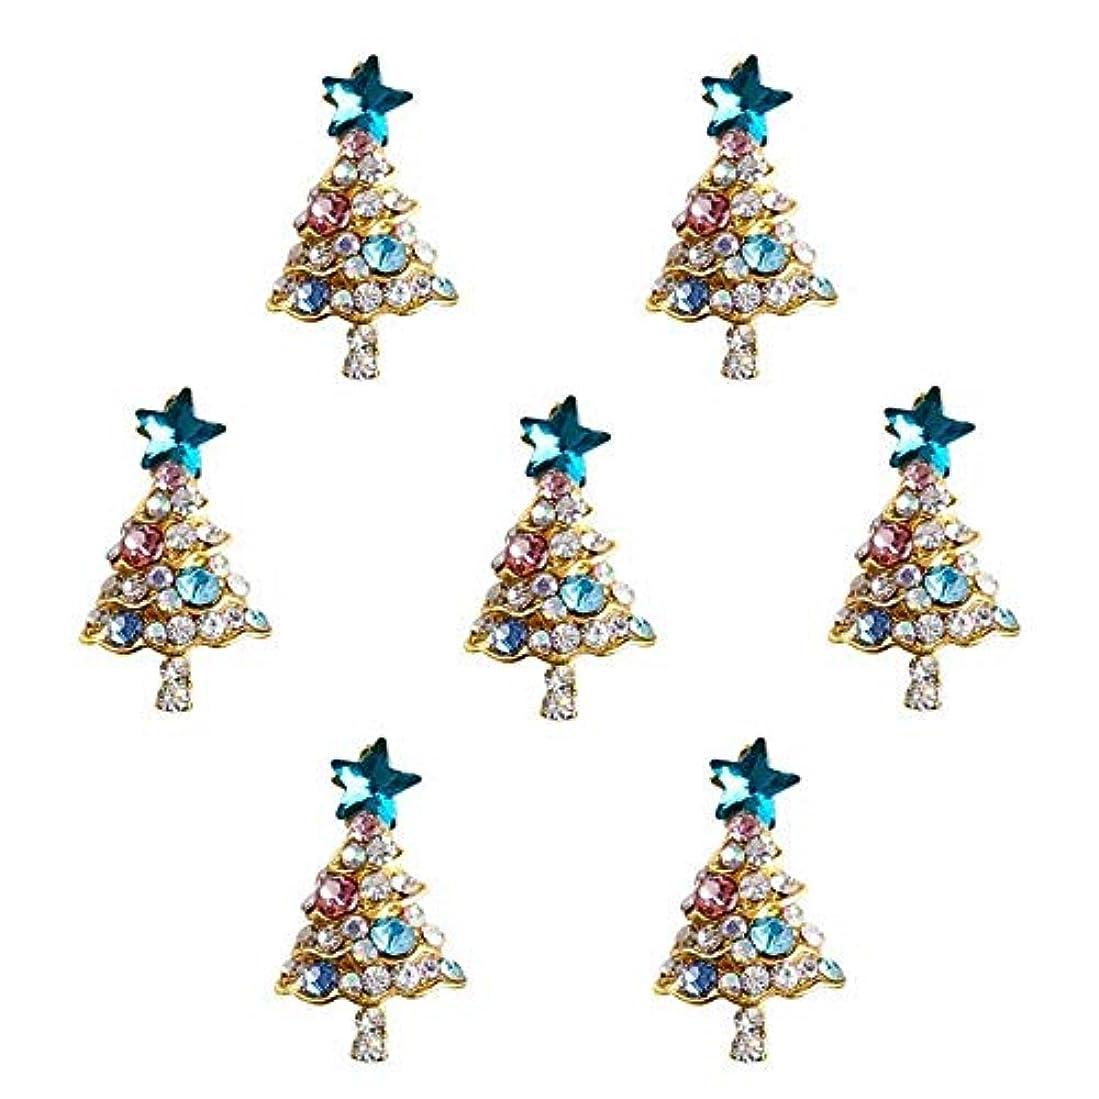 枯渇する強制書き出す10個入り/ロット3Dラインストーンの装飾ブルーグリッタースタークリスマスツリーのデザイン接着剤ネイルアートDIYスタッドは、合金用品